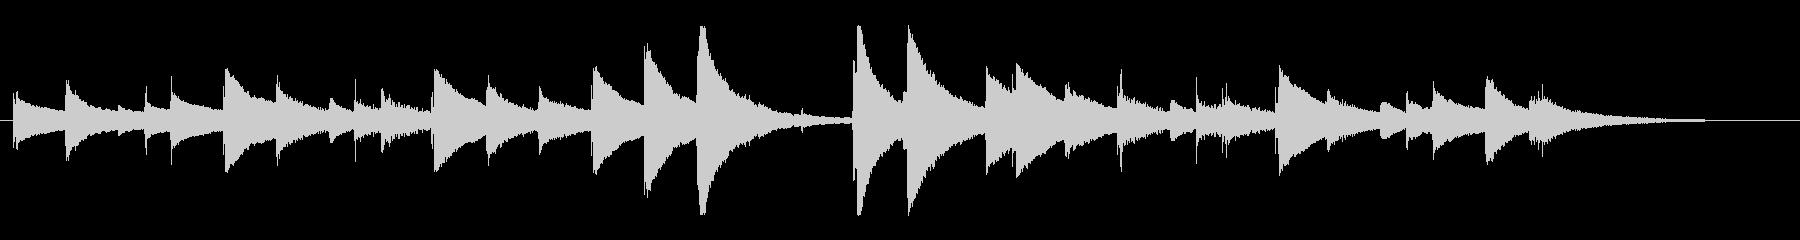 童謡「蛍の光」オルゴールバージョンの未再生の波形